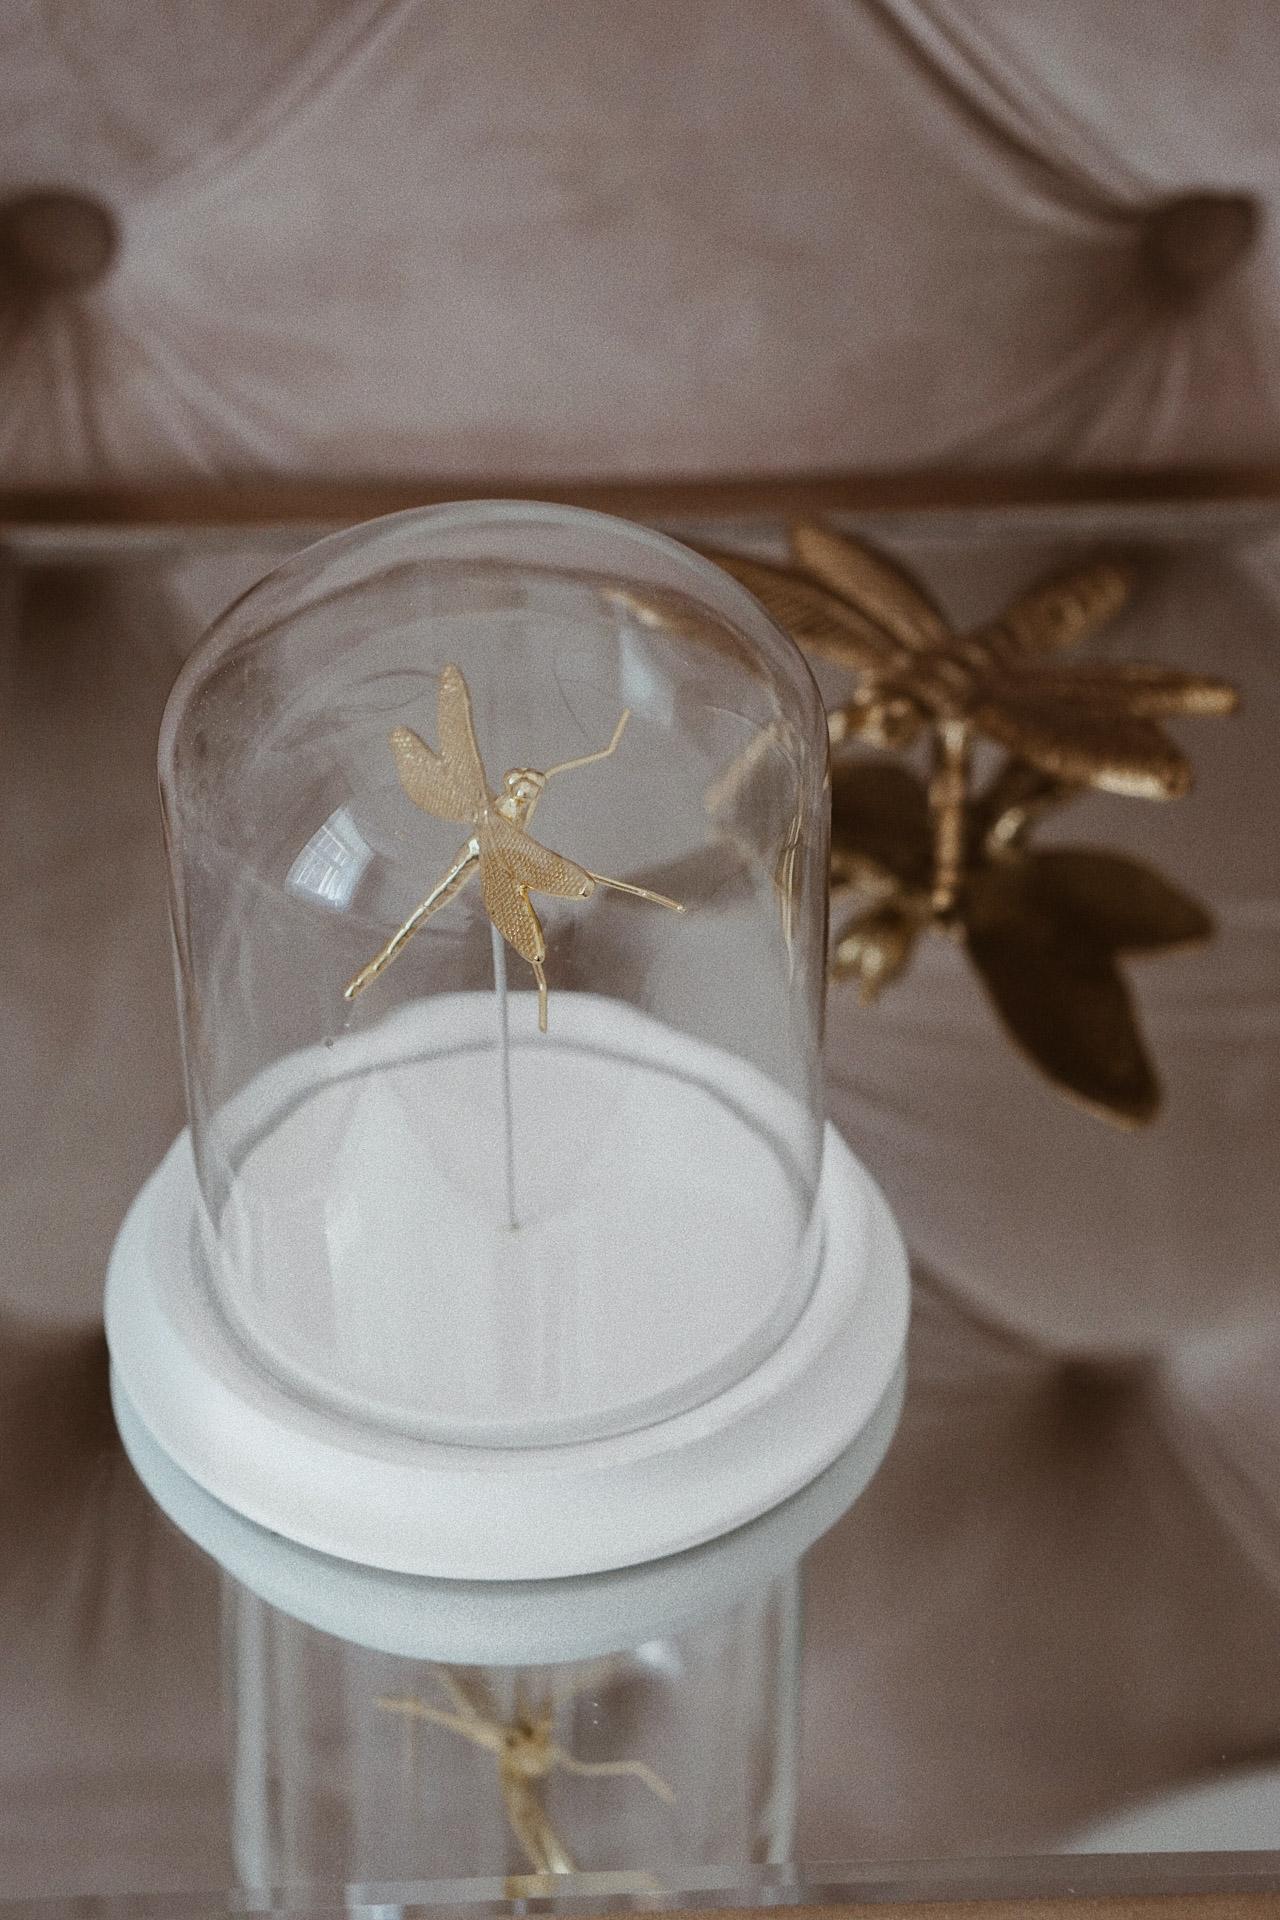 10 sposobow na jesienna magie lena wisher kardigan